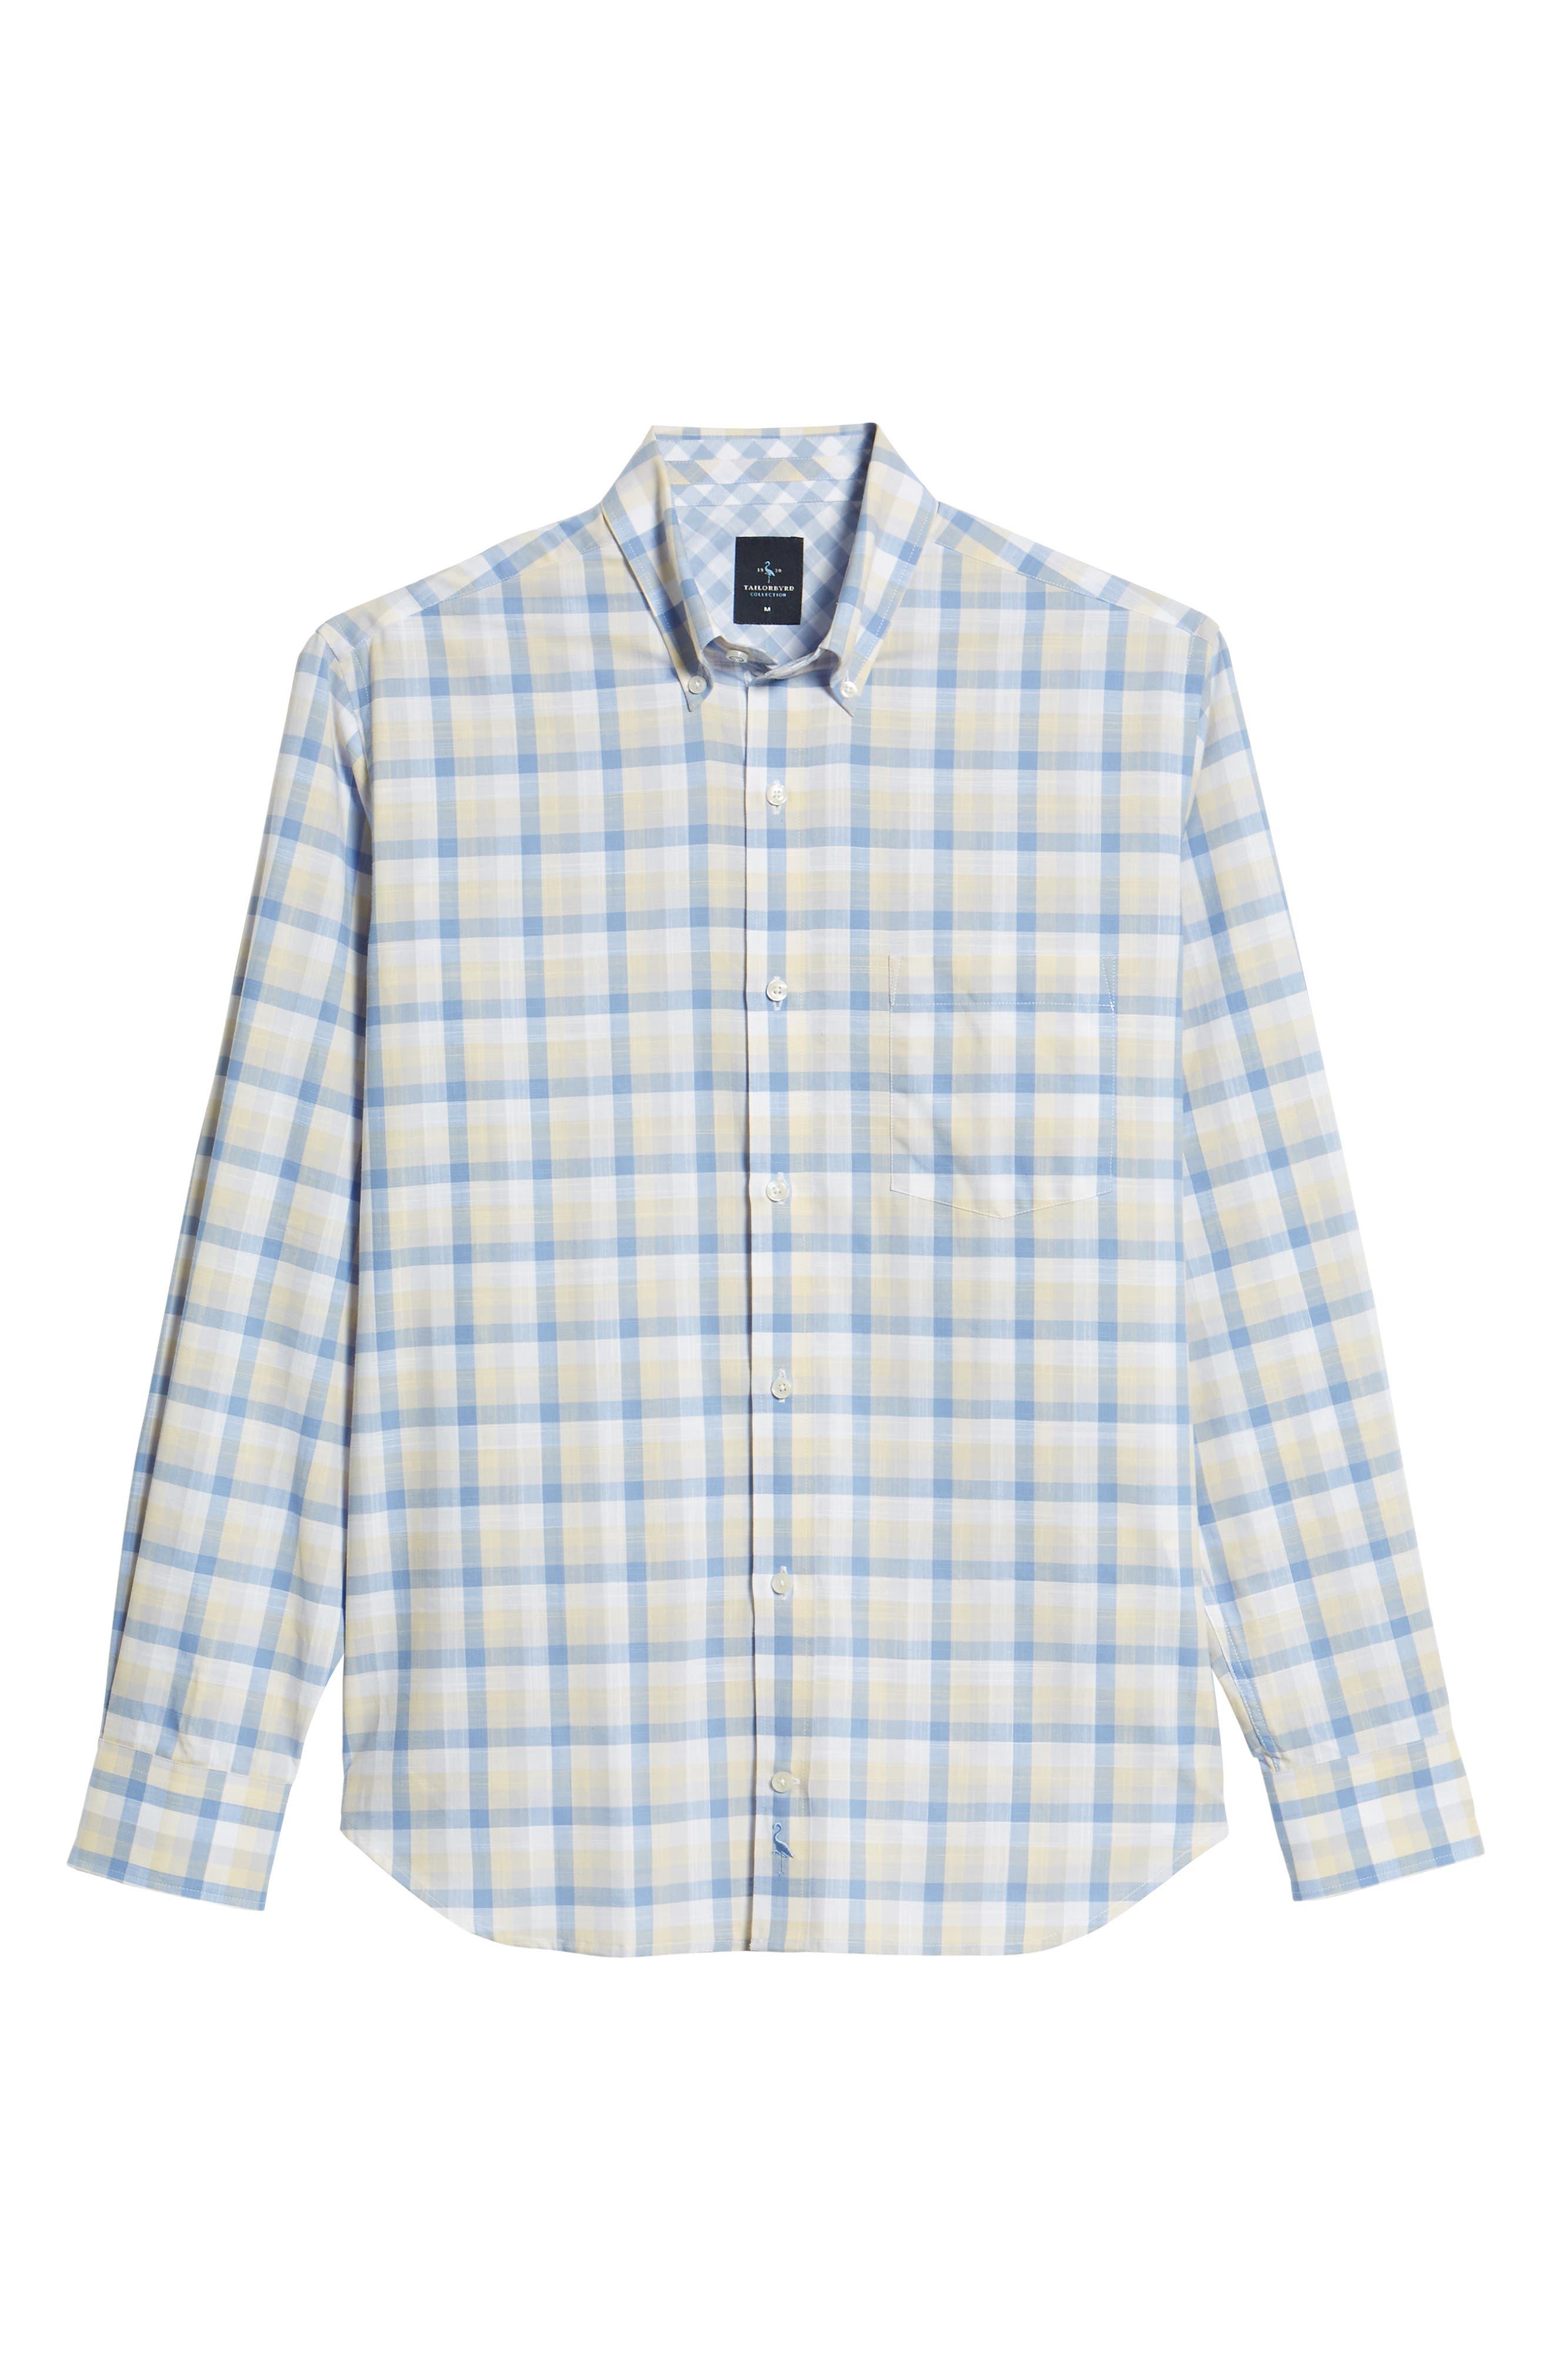 Hobbes Regular Fit Check Sport Shirt,                             Alternate thumbnail 6, color,                             450